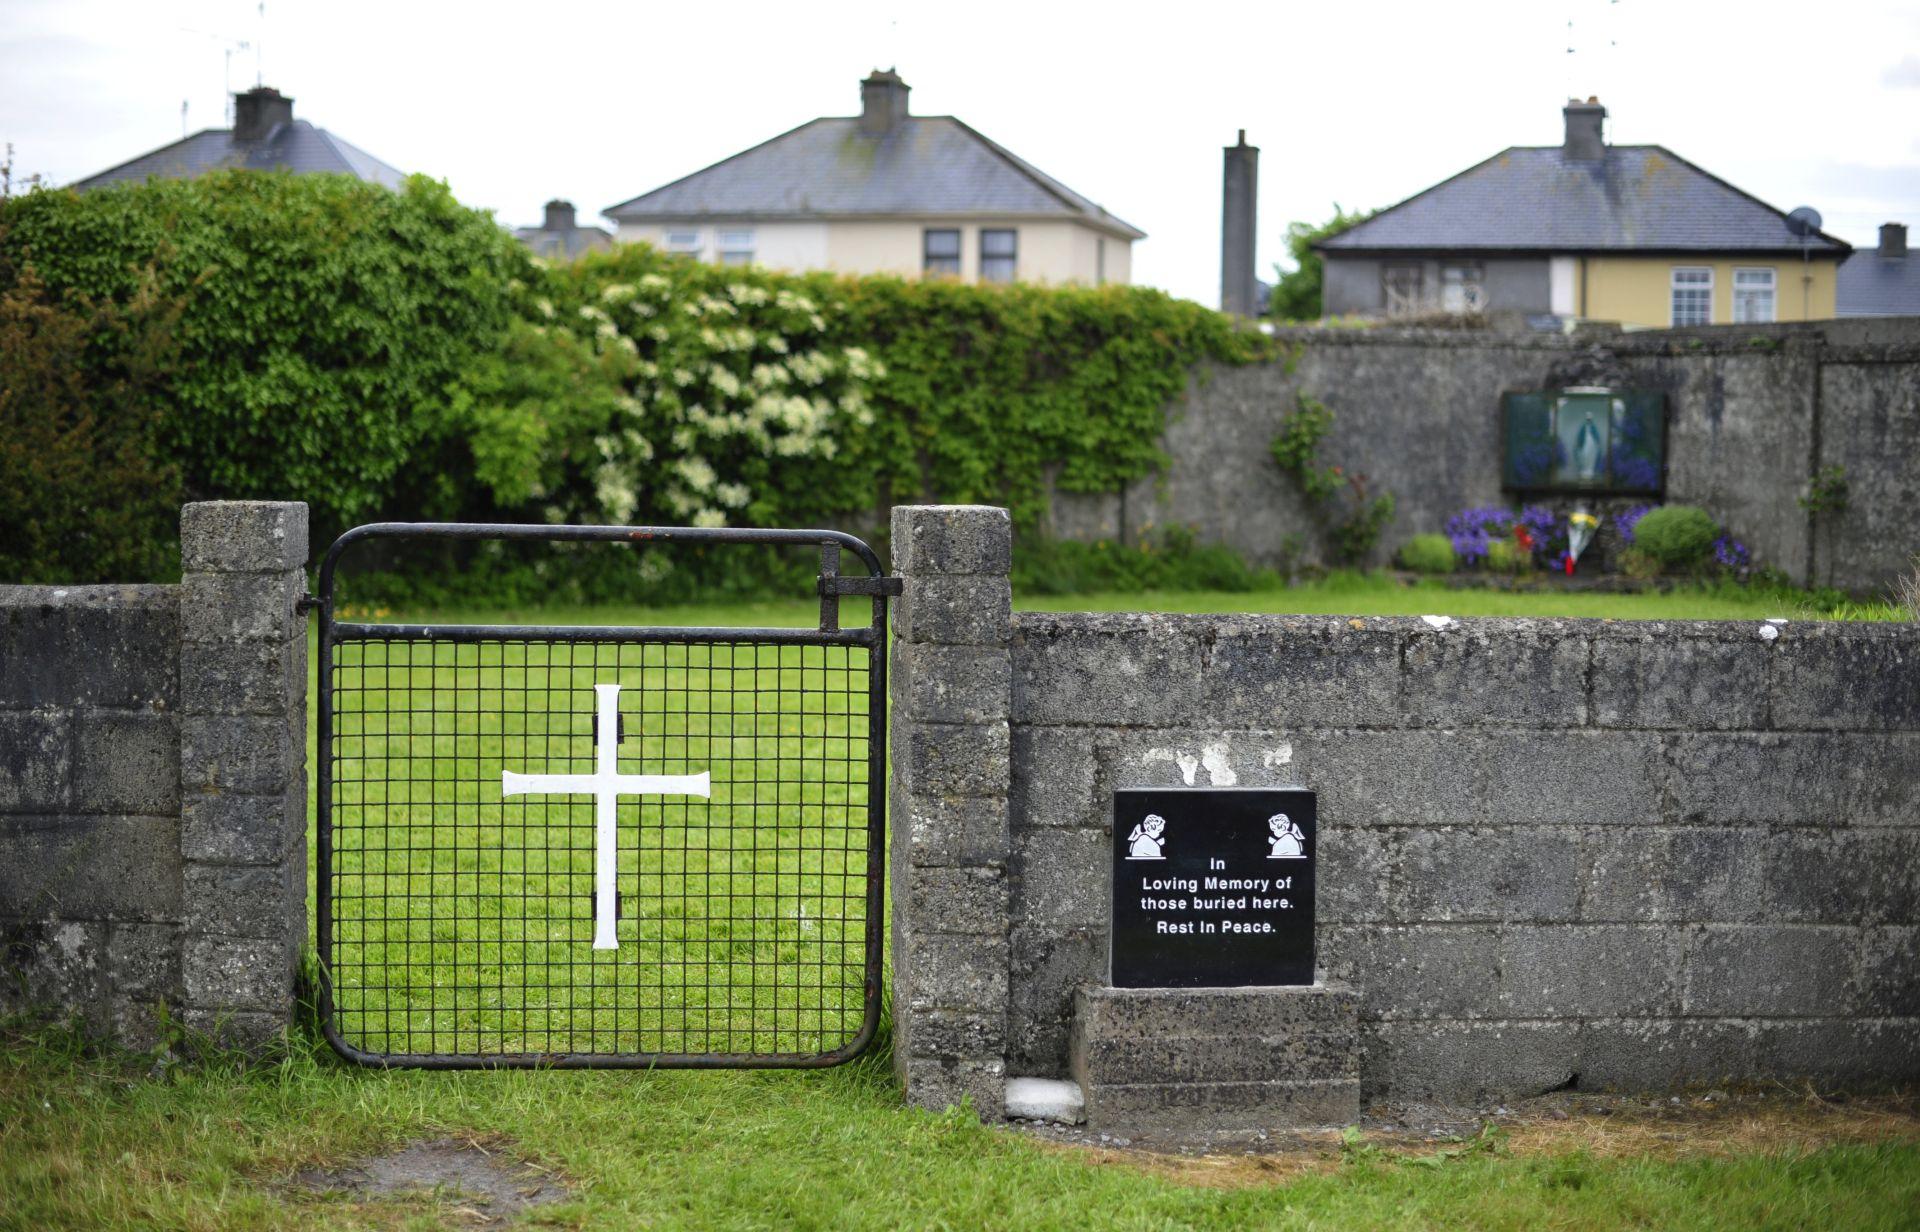 UŽAS U IRSKOJ: 'Osjećam da su ta djeca bačena kao smeće'